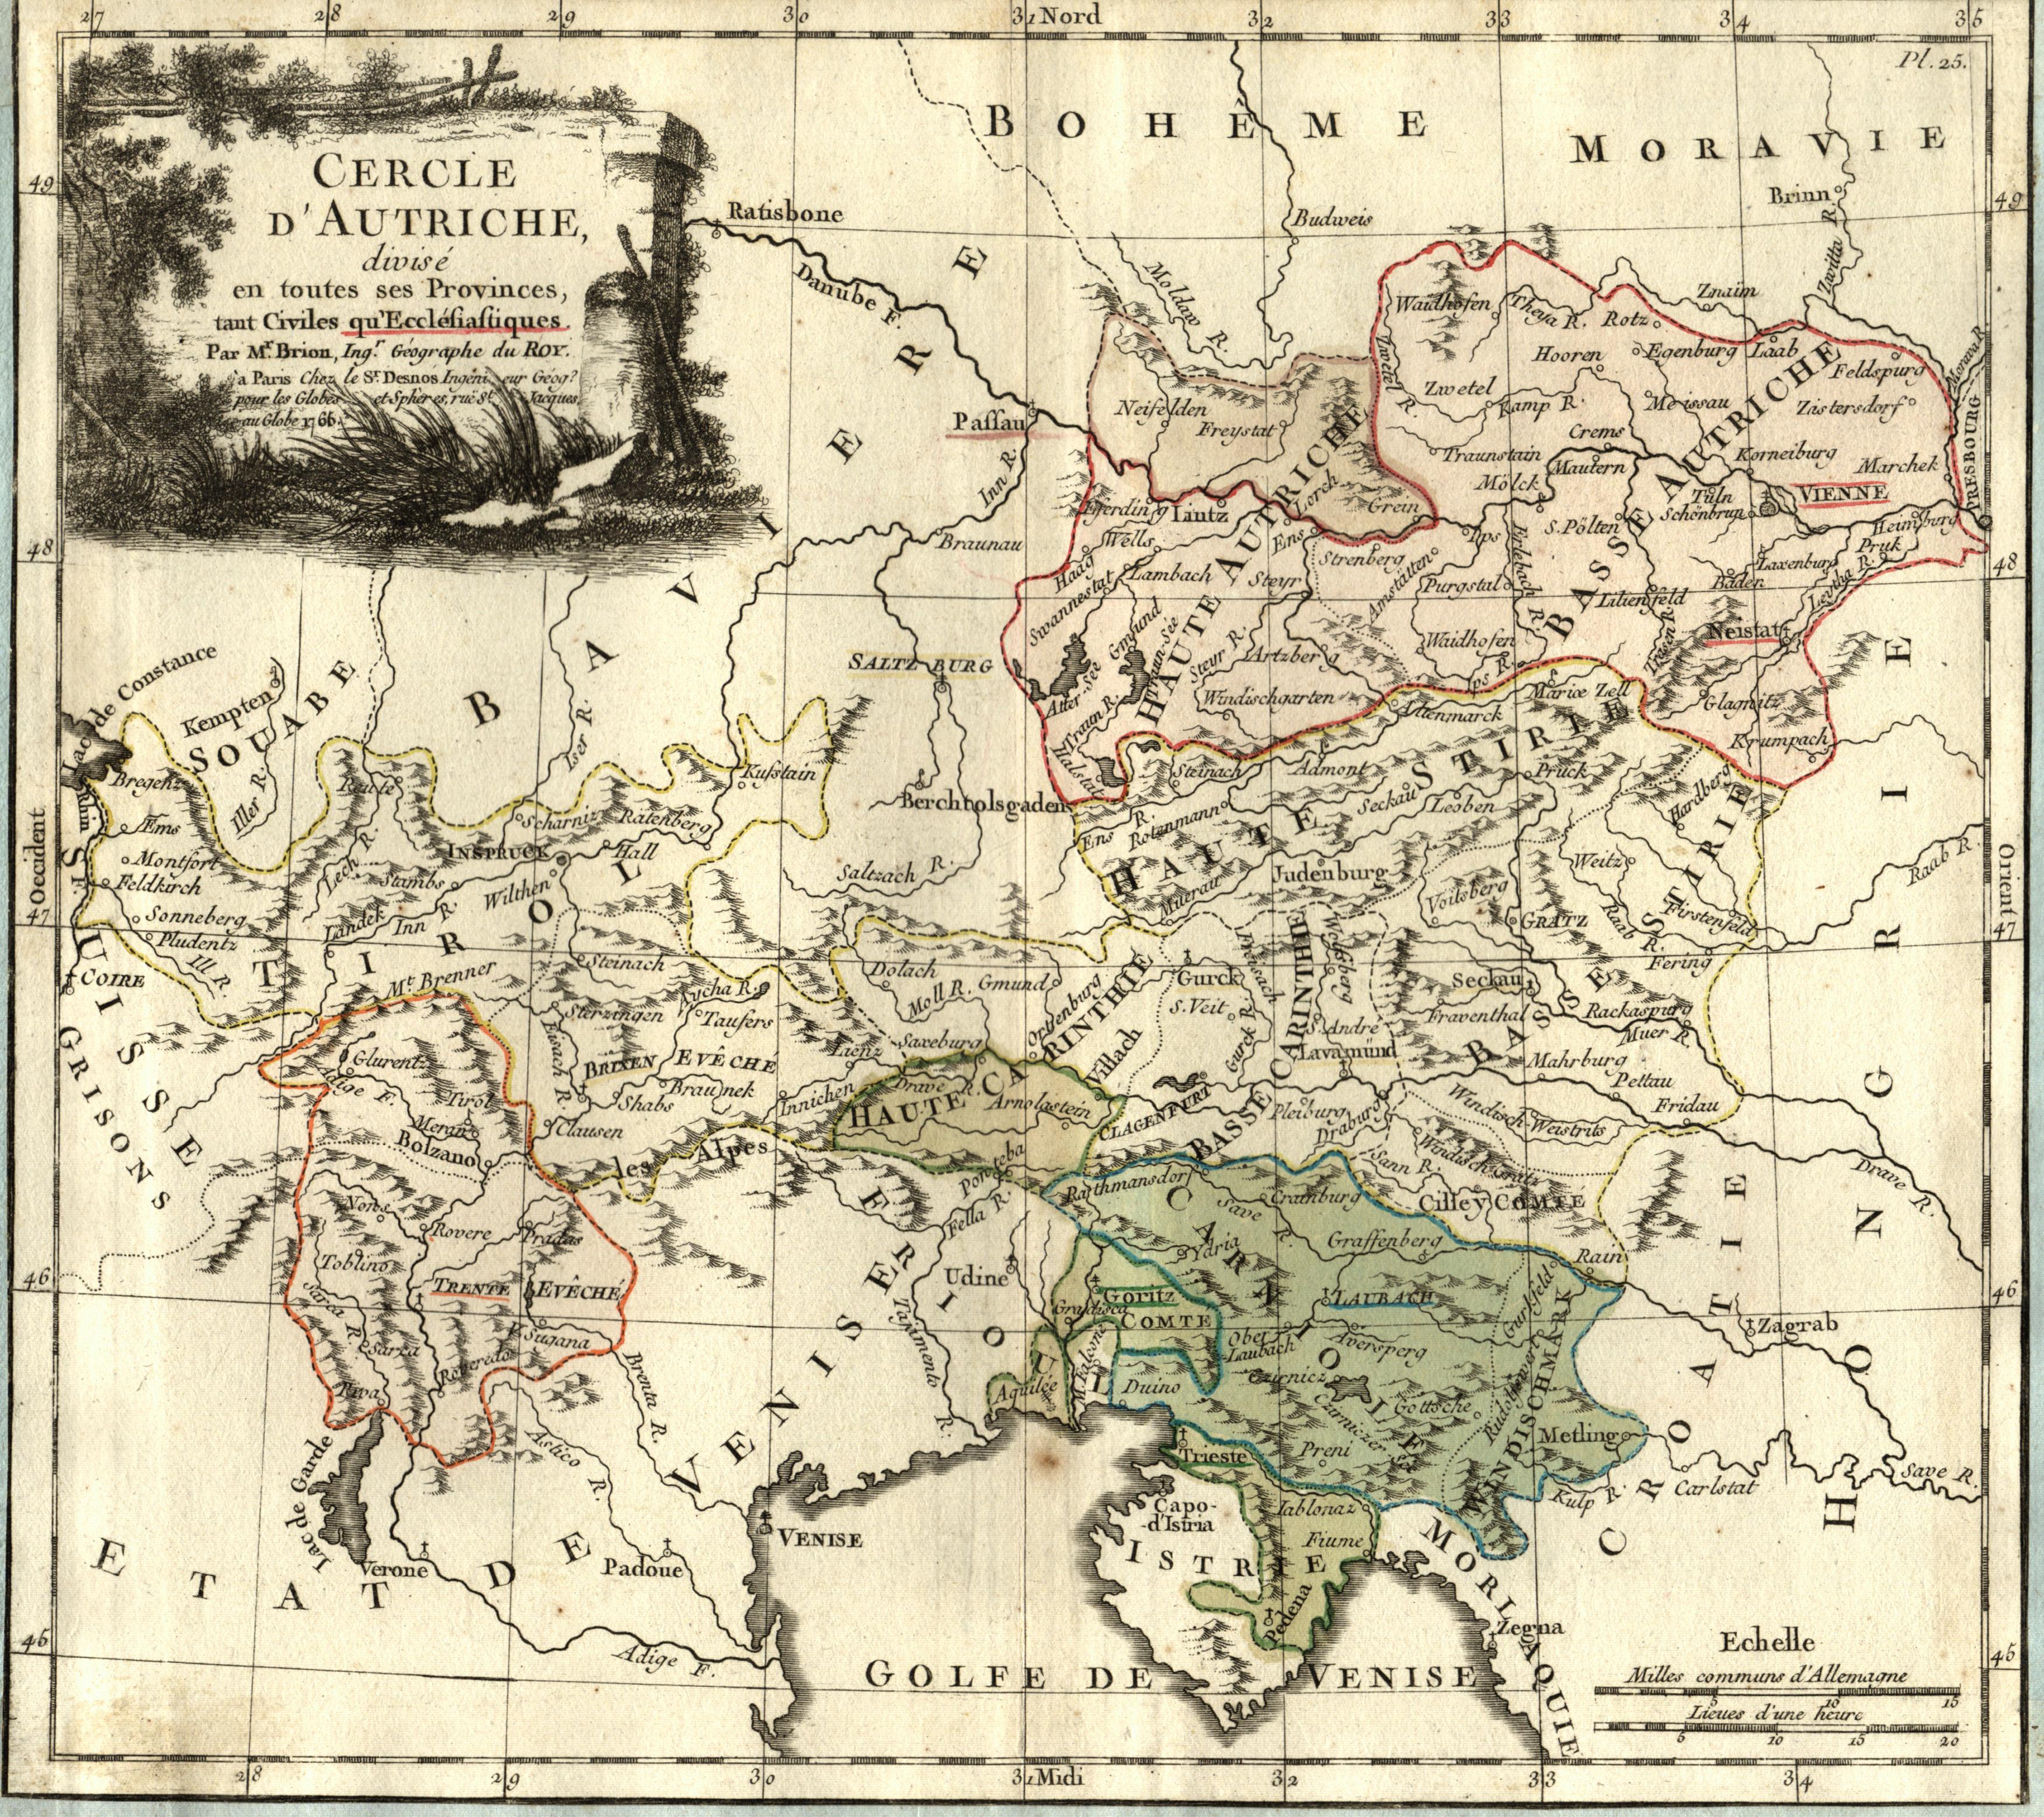 """Kst.- Karte, b. Brion, """"Cercle D'Autriche divise: Österreichischer Kreis:"""